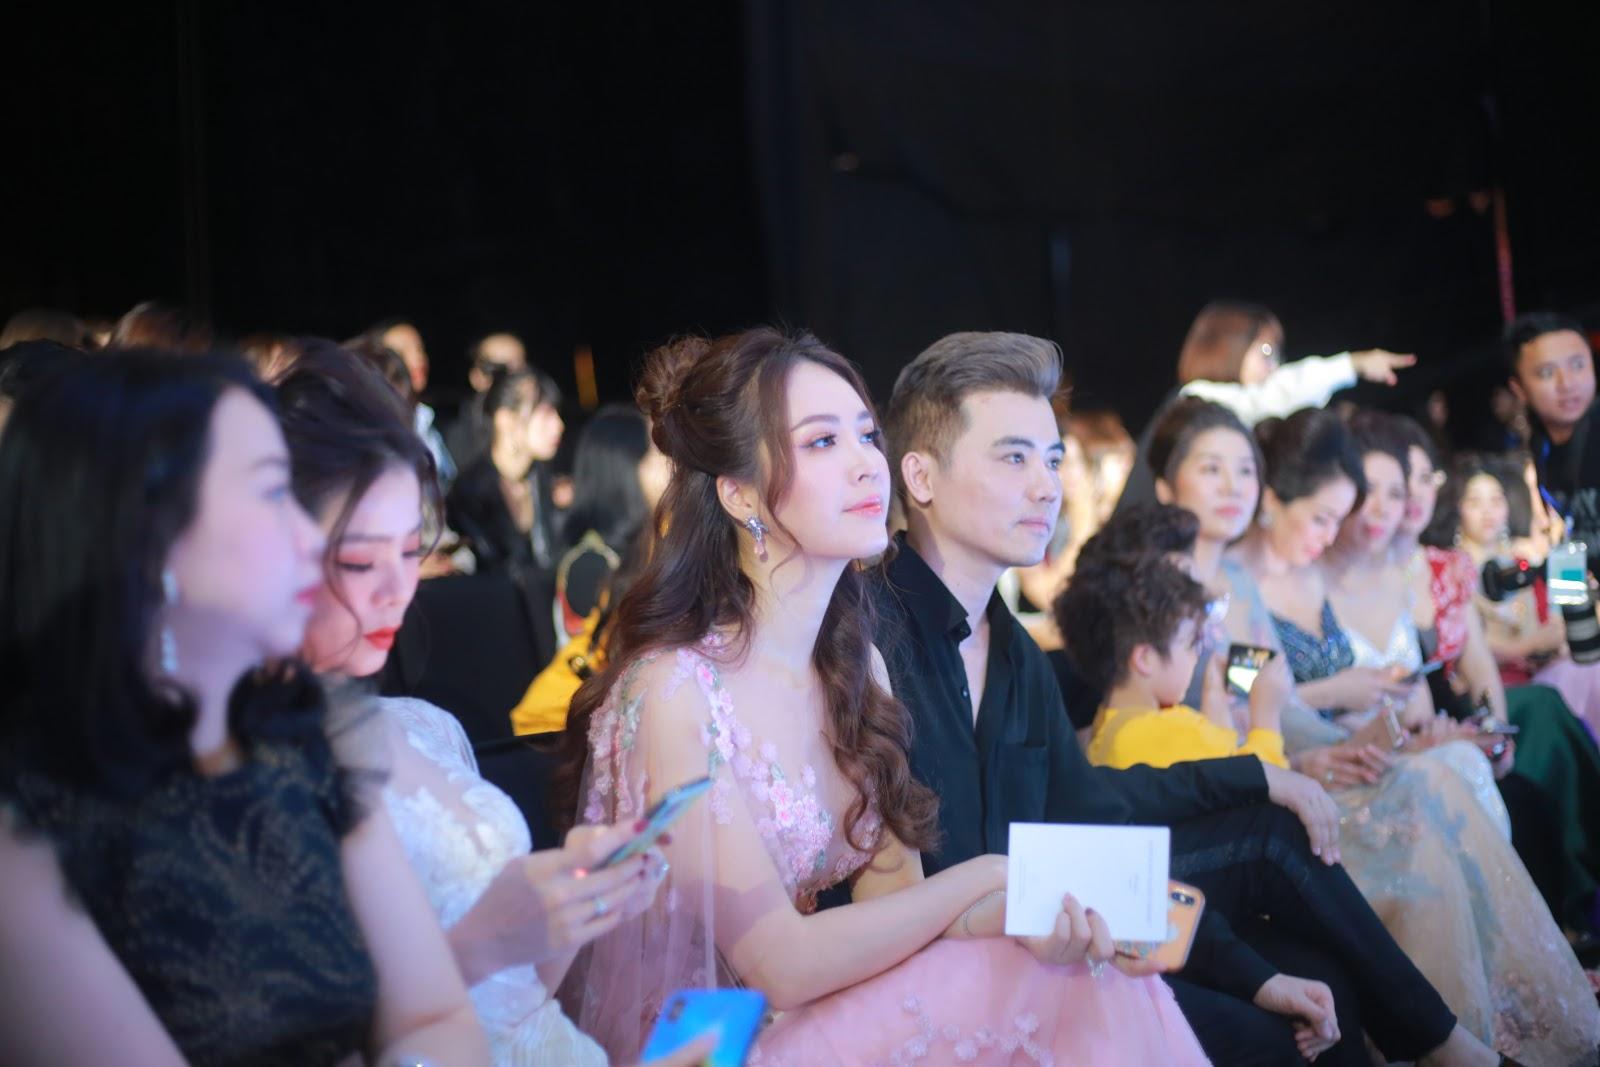 Vietnam International Fashion Week - Hành trình đưa nghành thời trang đến gần hơn với quốc tế - Hình 30